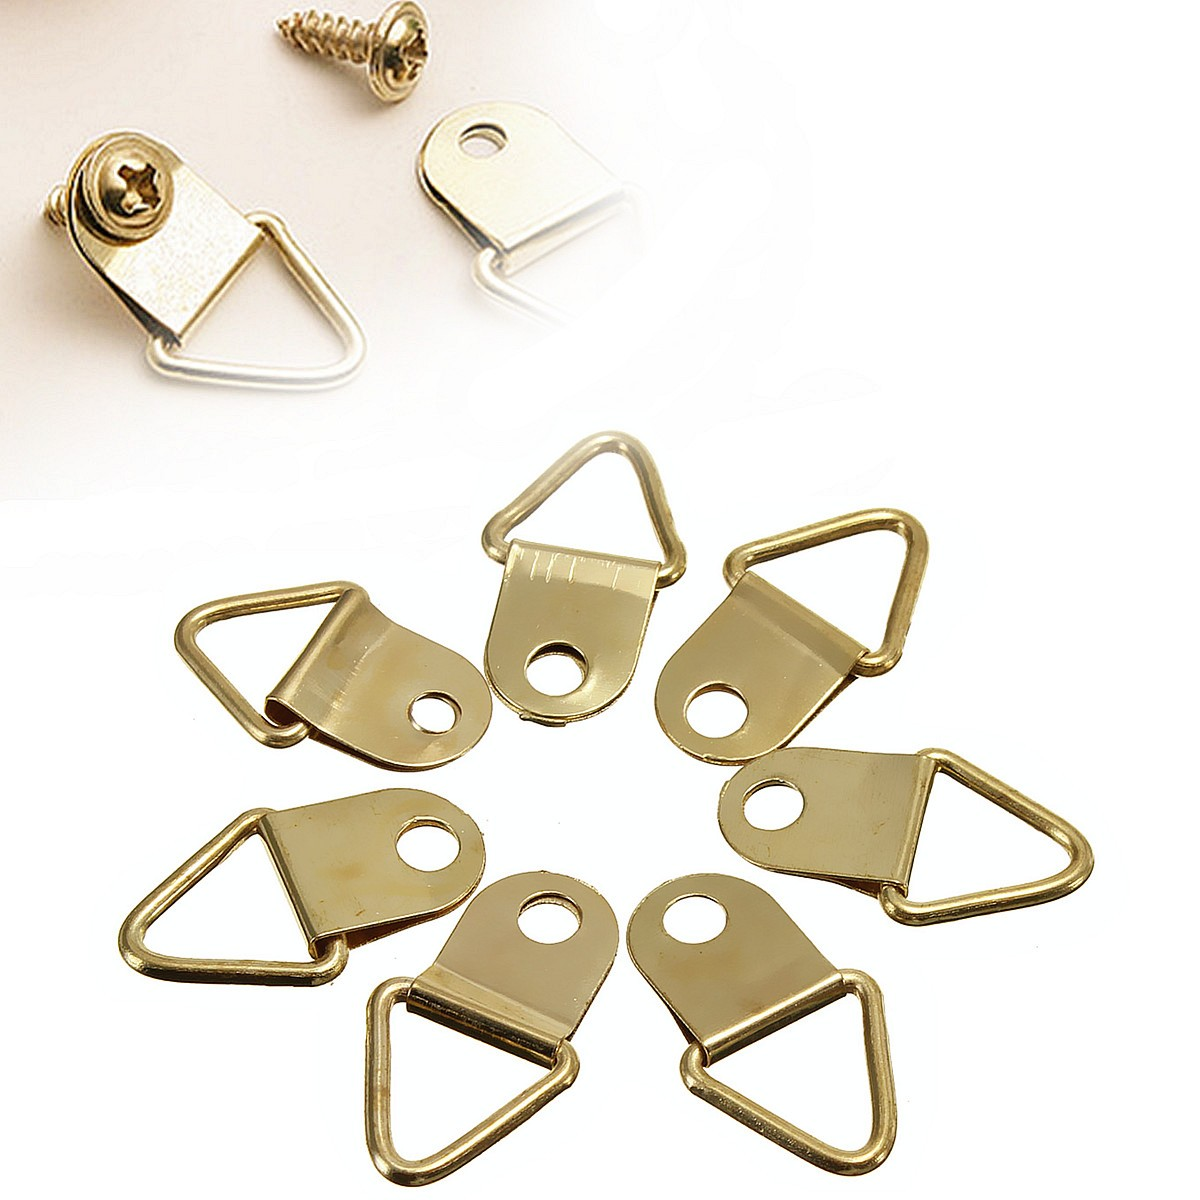 100Pcs Wholesale Universal Strong Golden D Rings Decor Picture ...